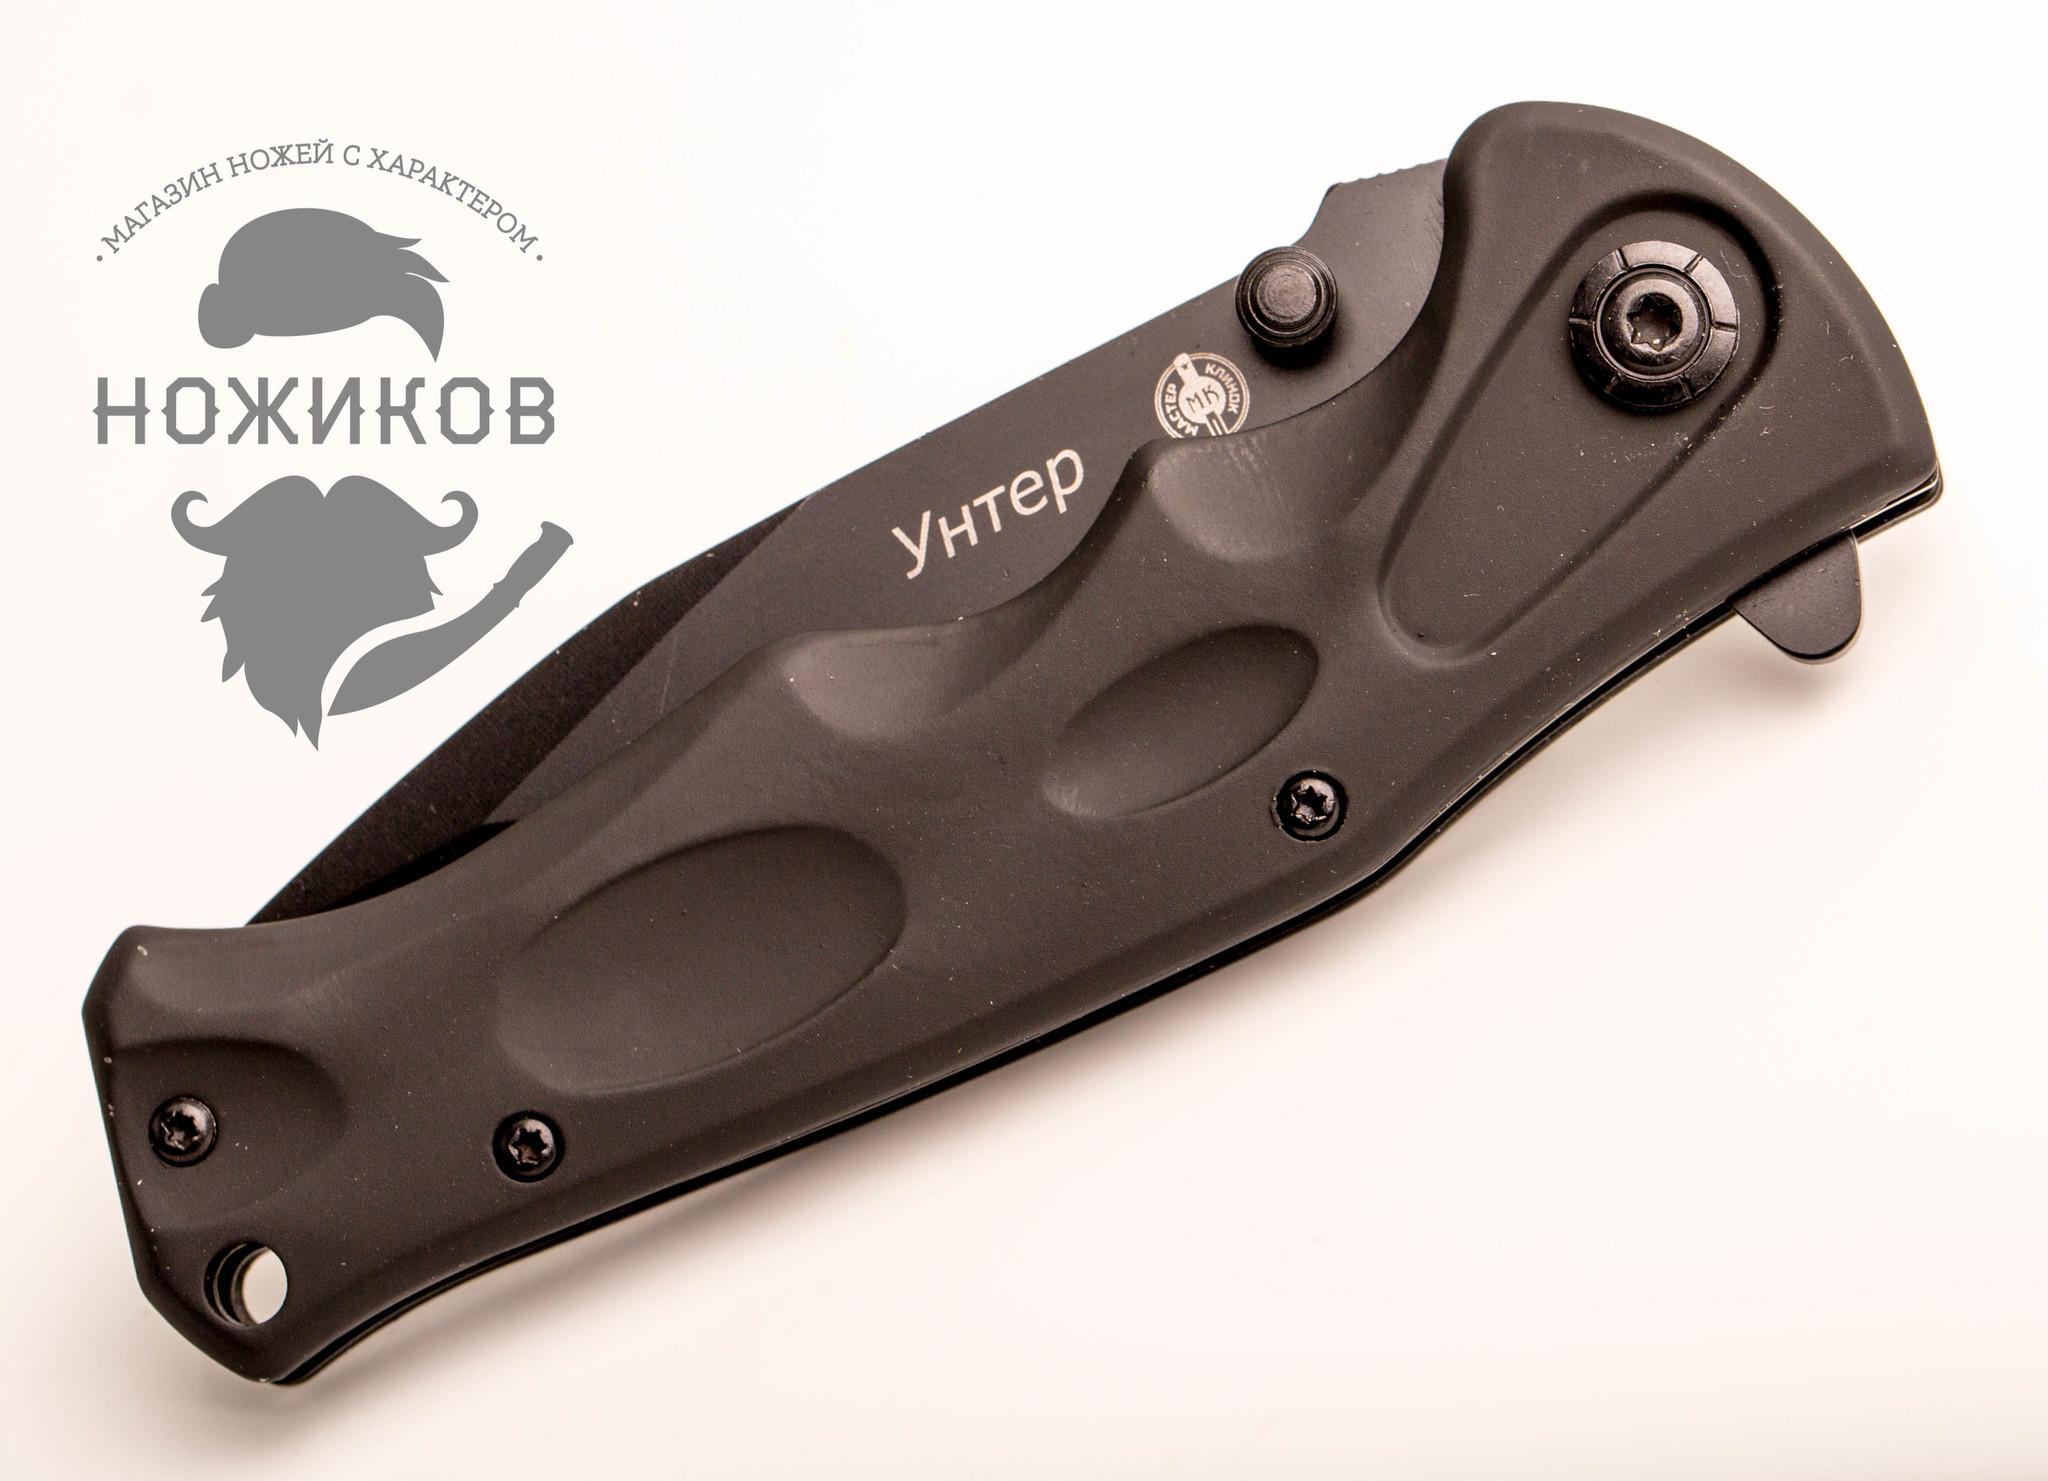 Фото 6 - Нож складной Унтер от Viking Nordway